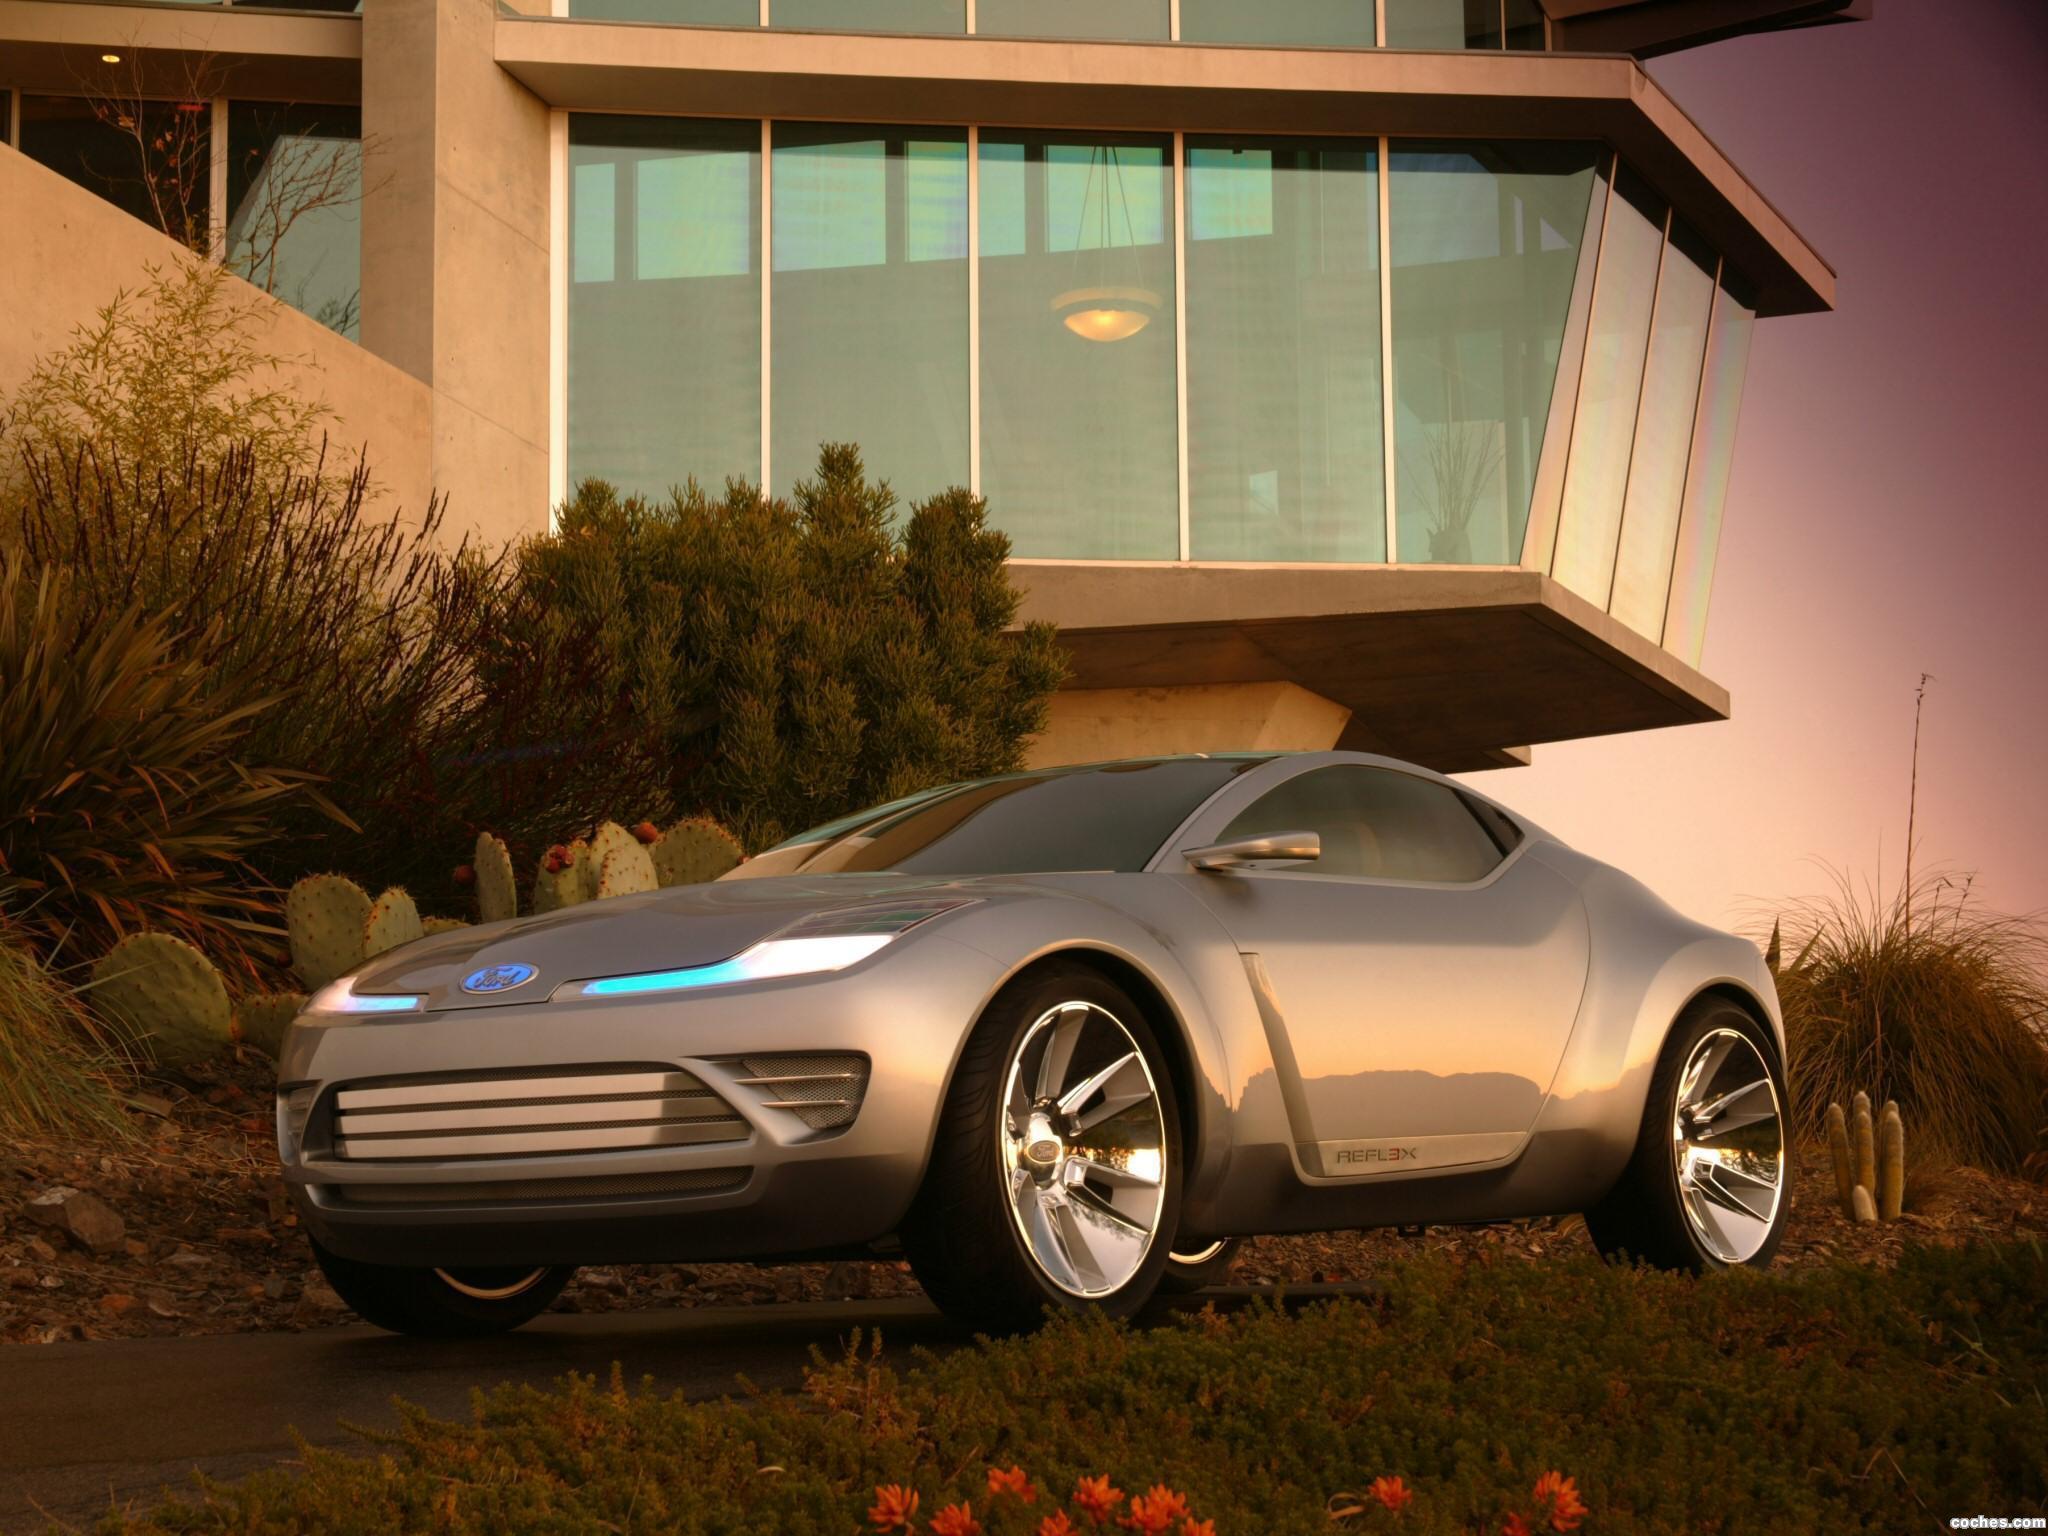 Foto 0 de Ford Reflex Concept NAIAS 2006